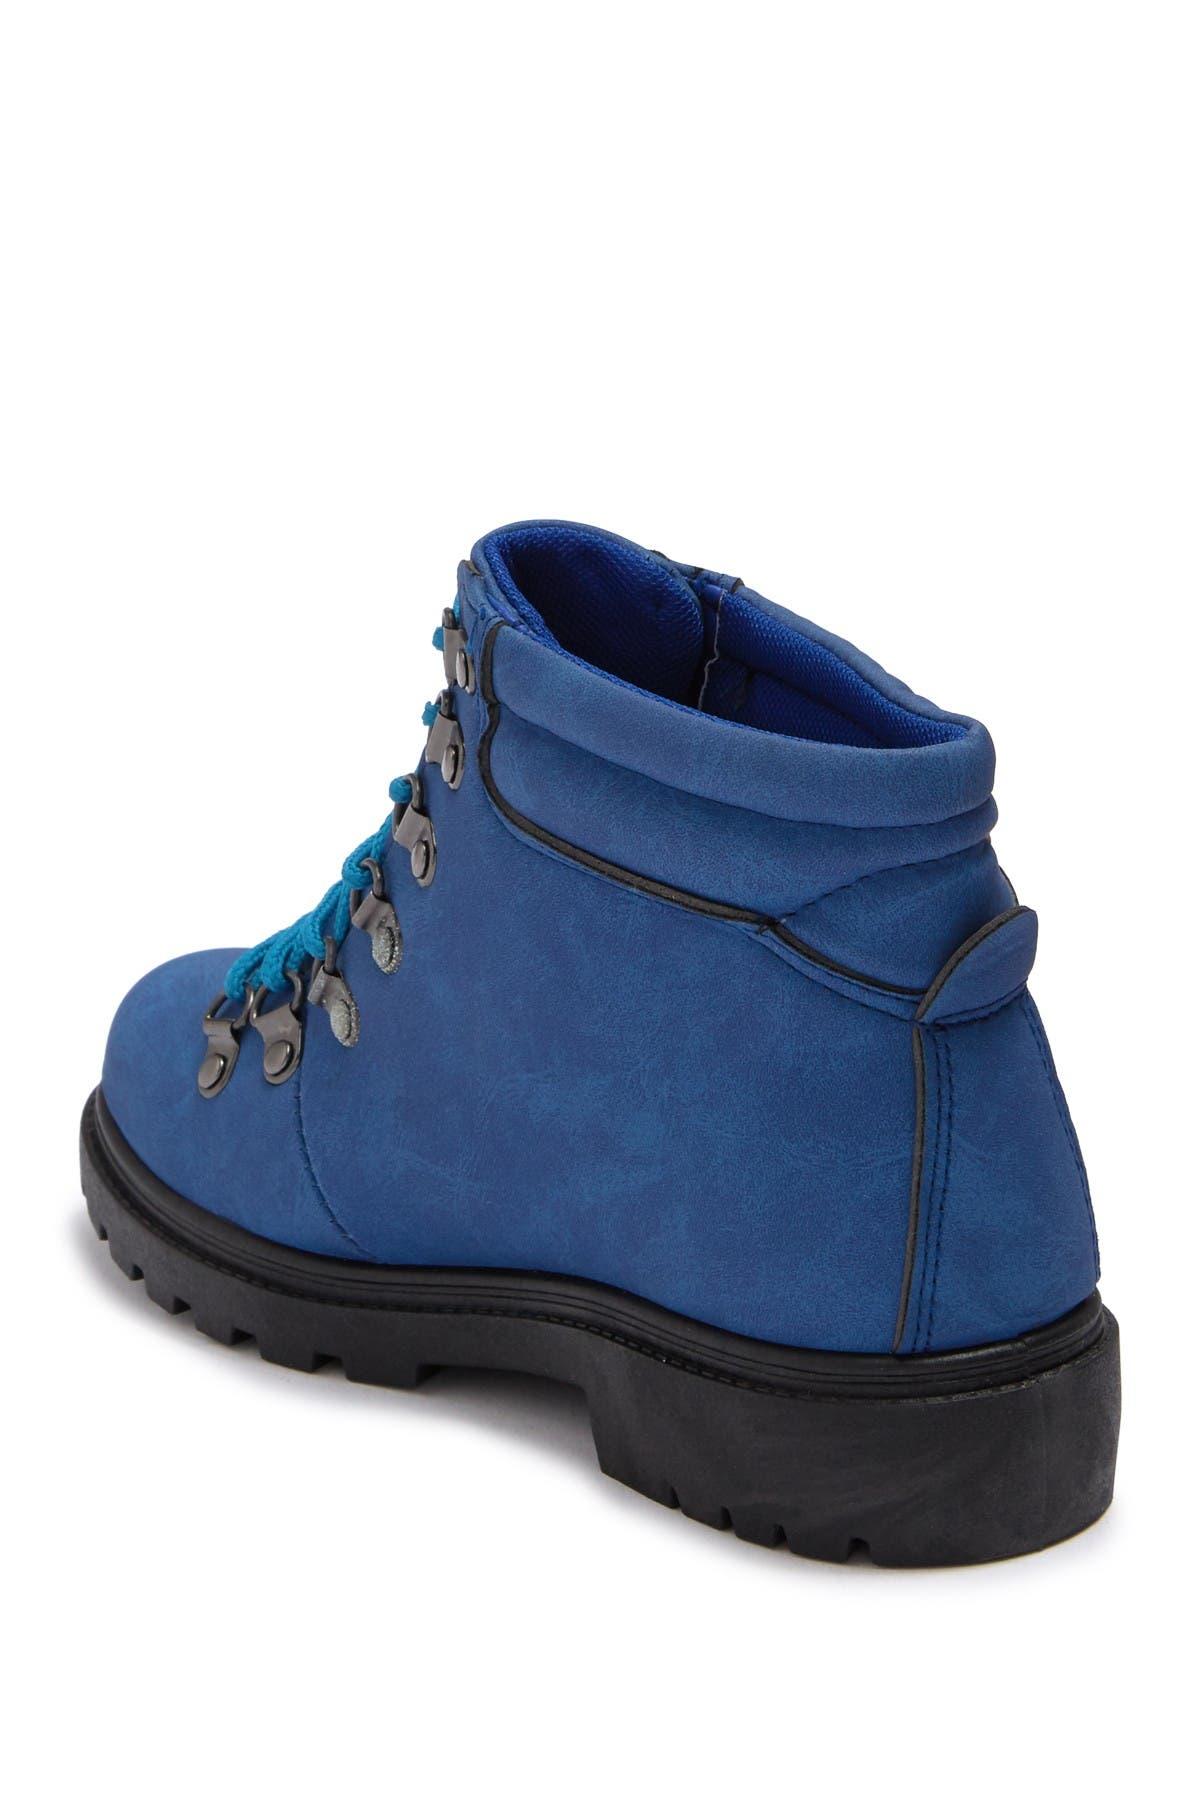 OLIVIA MILLER OMG Lace-Up Hiker Boot